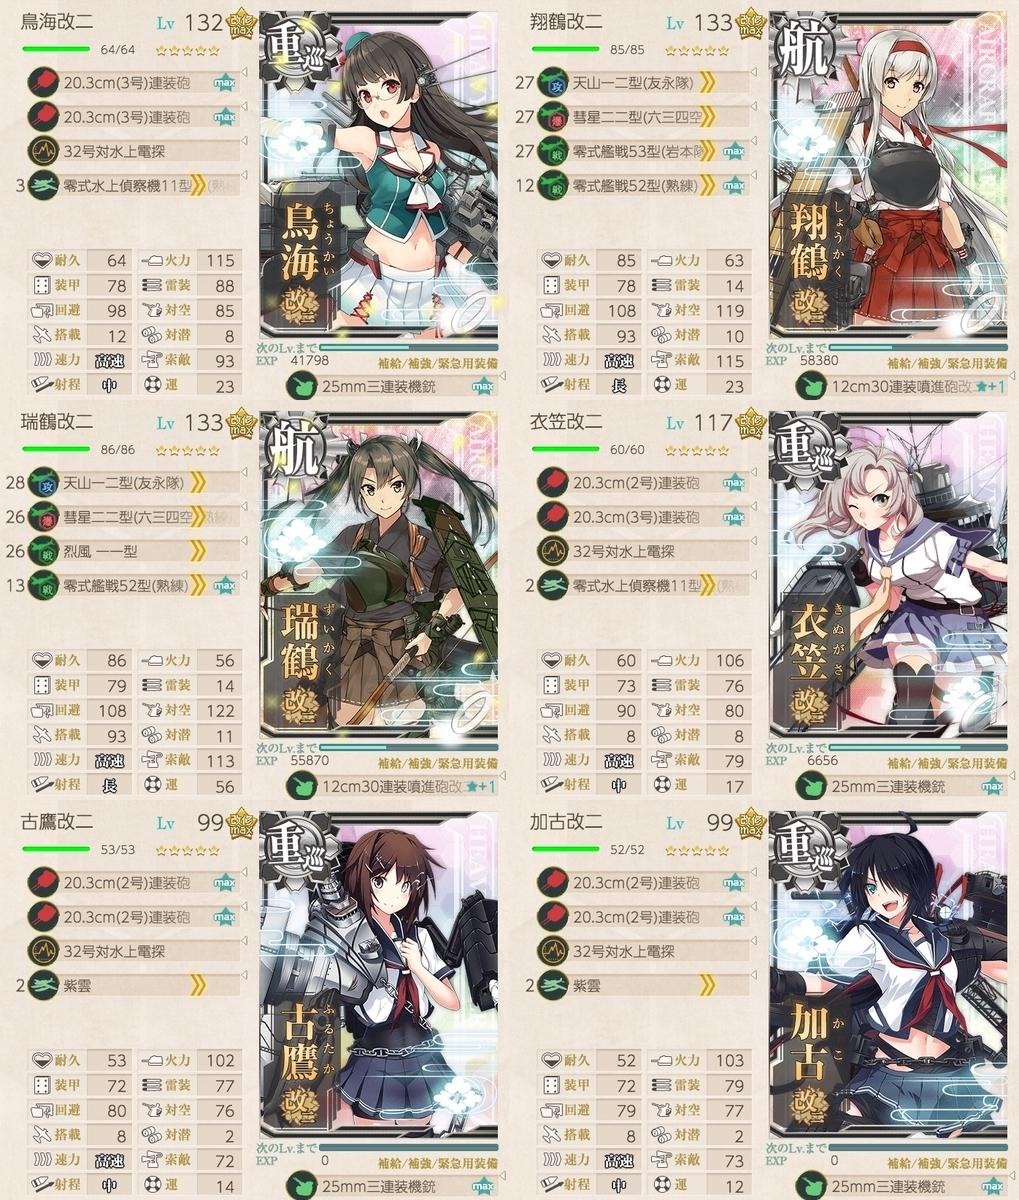 f:id:nameless_admiral:20200613223628j:plain